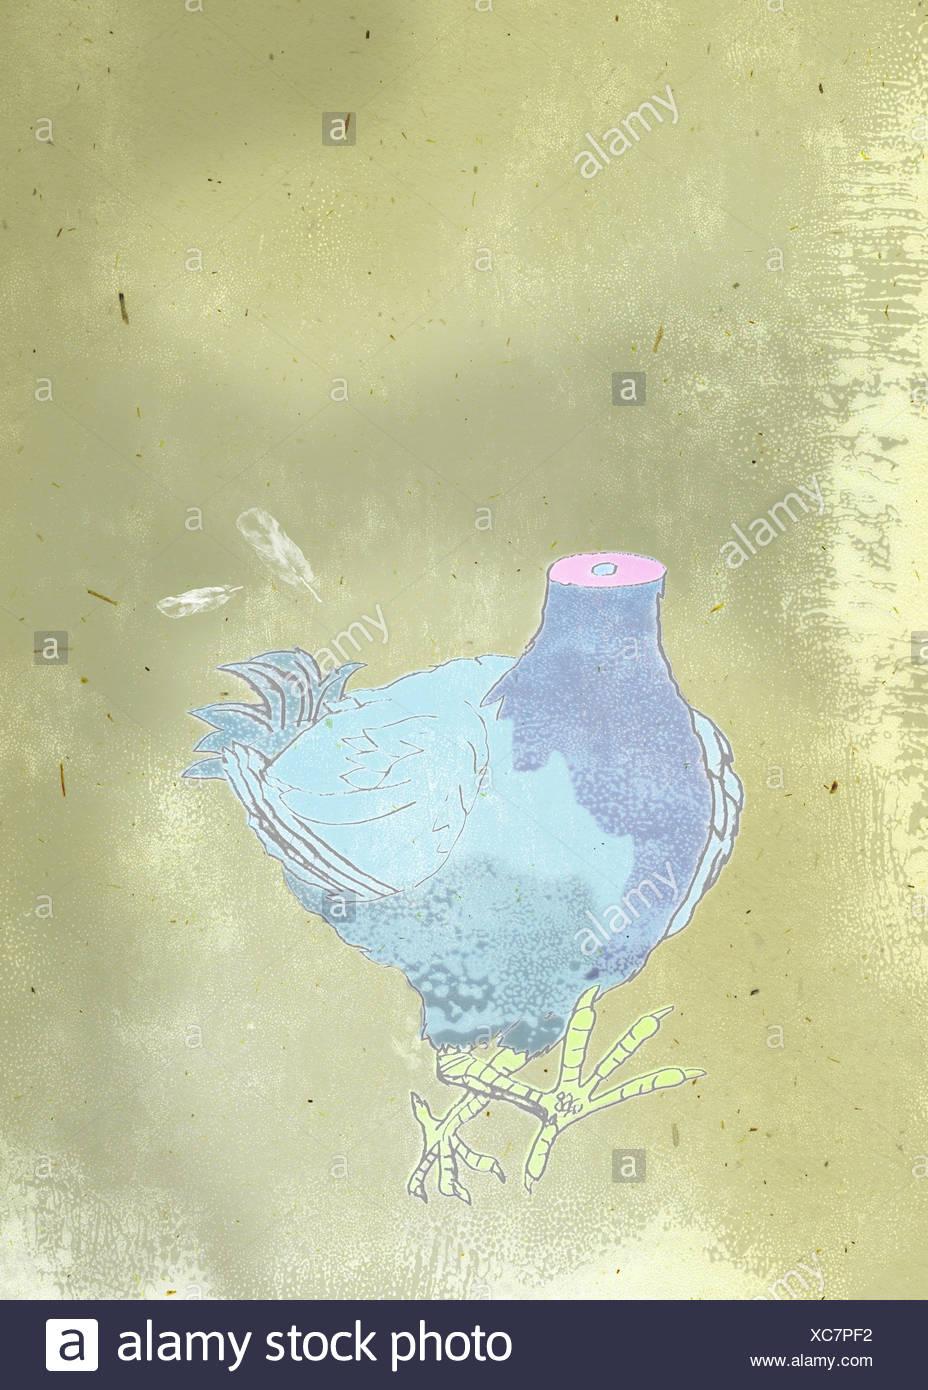 Pollo Imagen De Stock